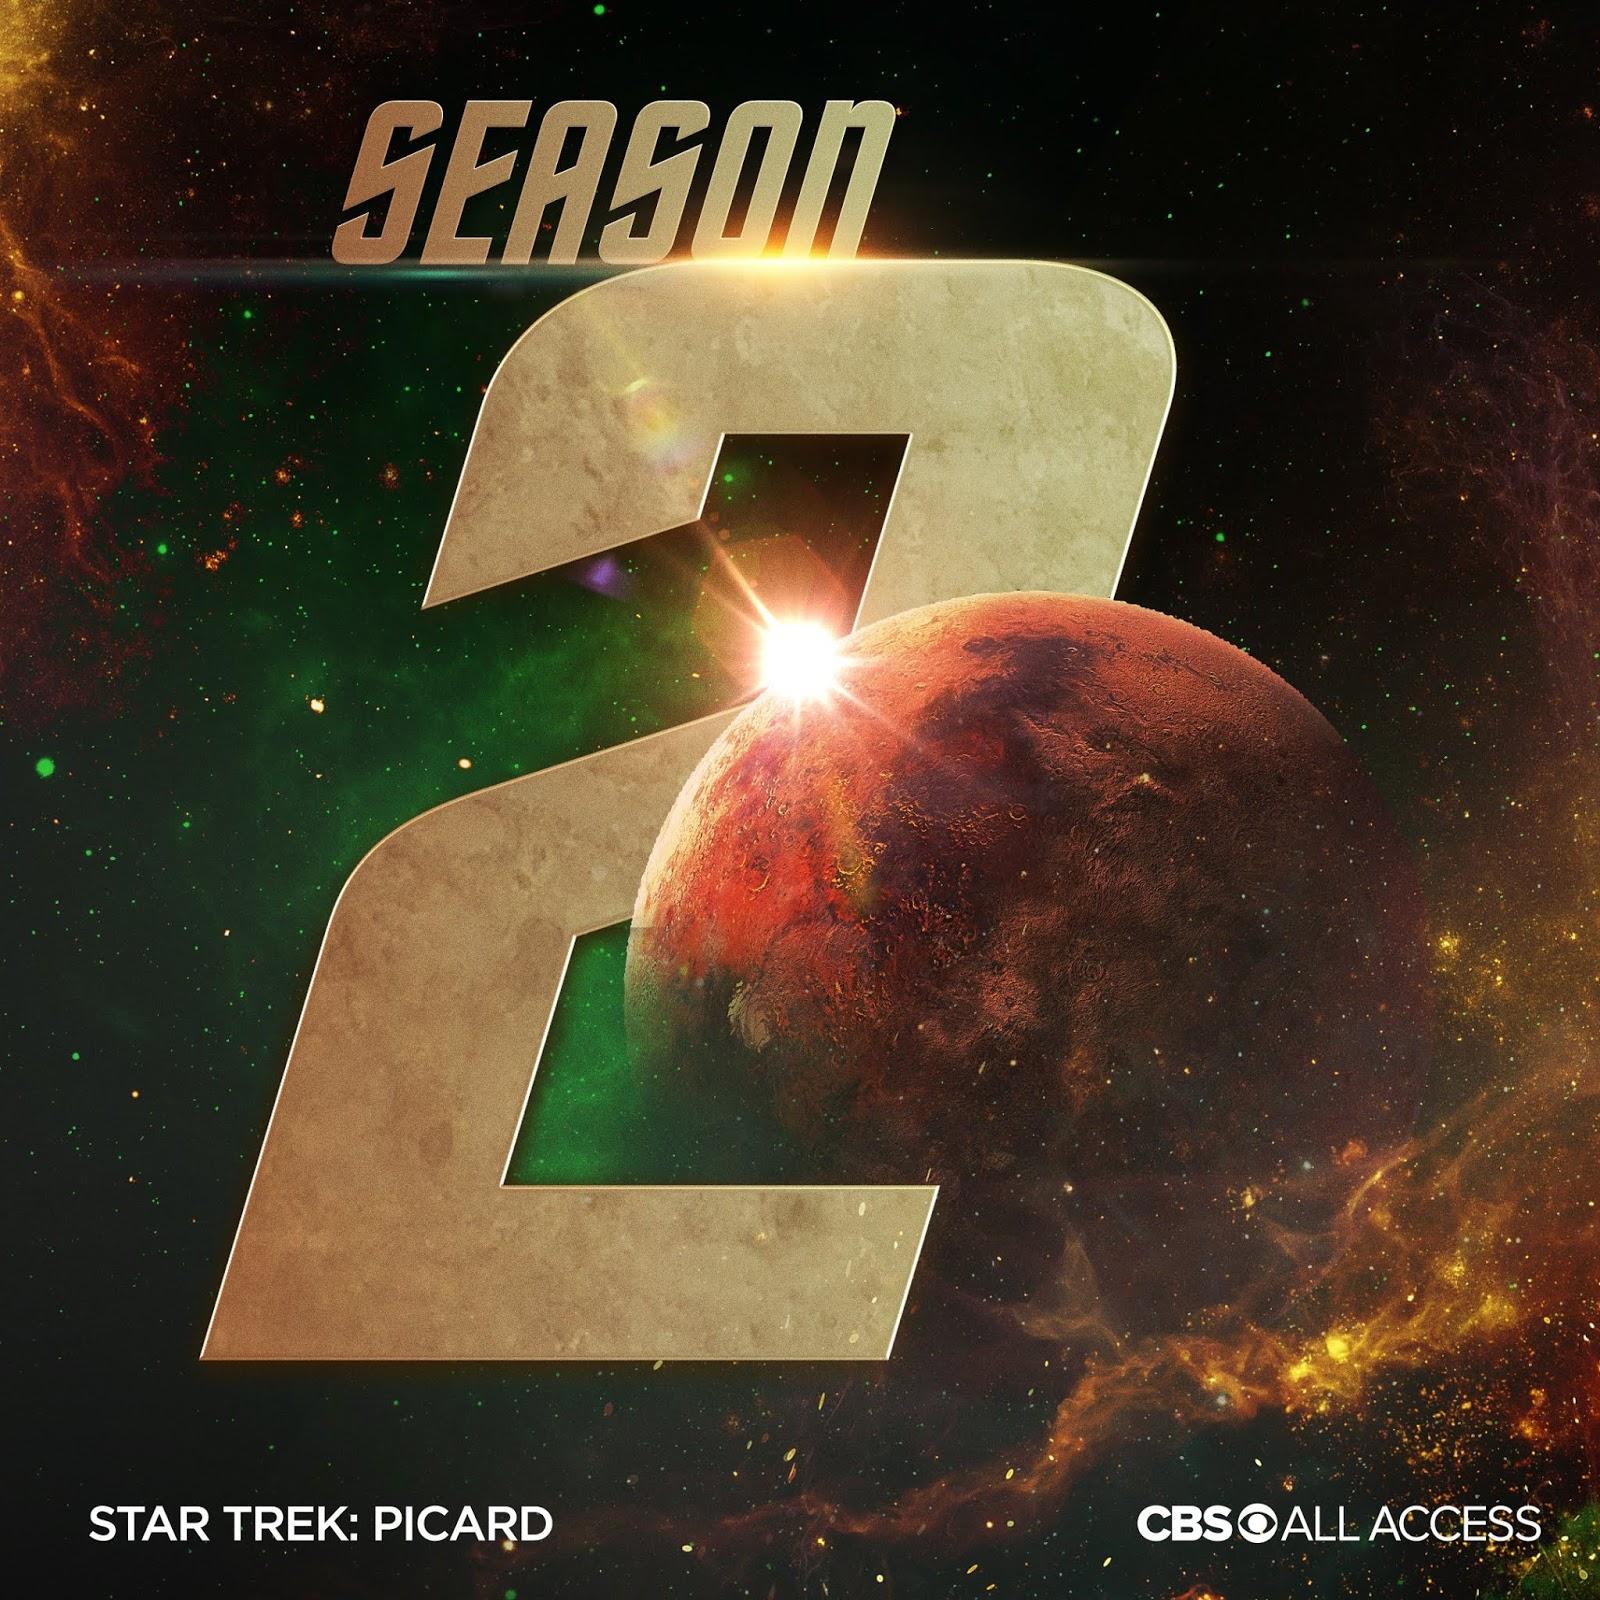 STAR TREK | Segunda temporada da série PICARD indica o retorno do personagem Q